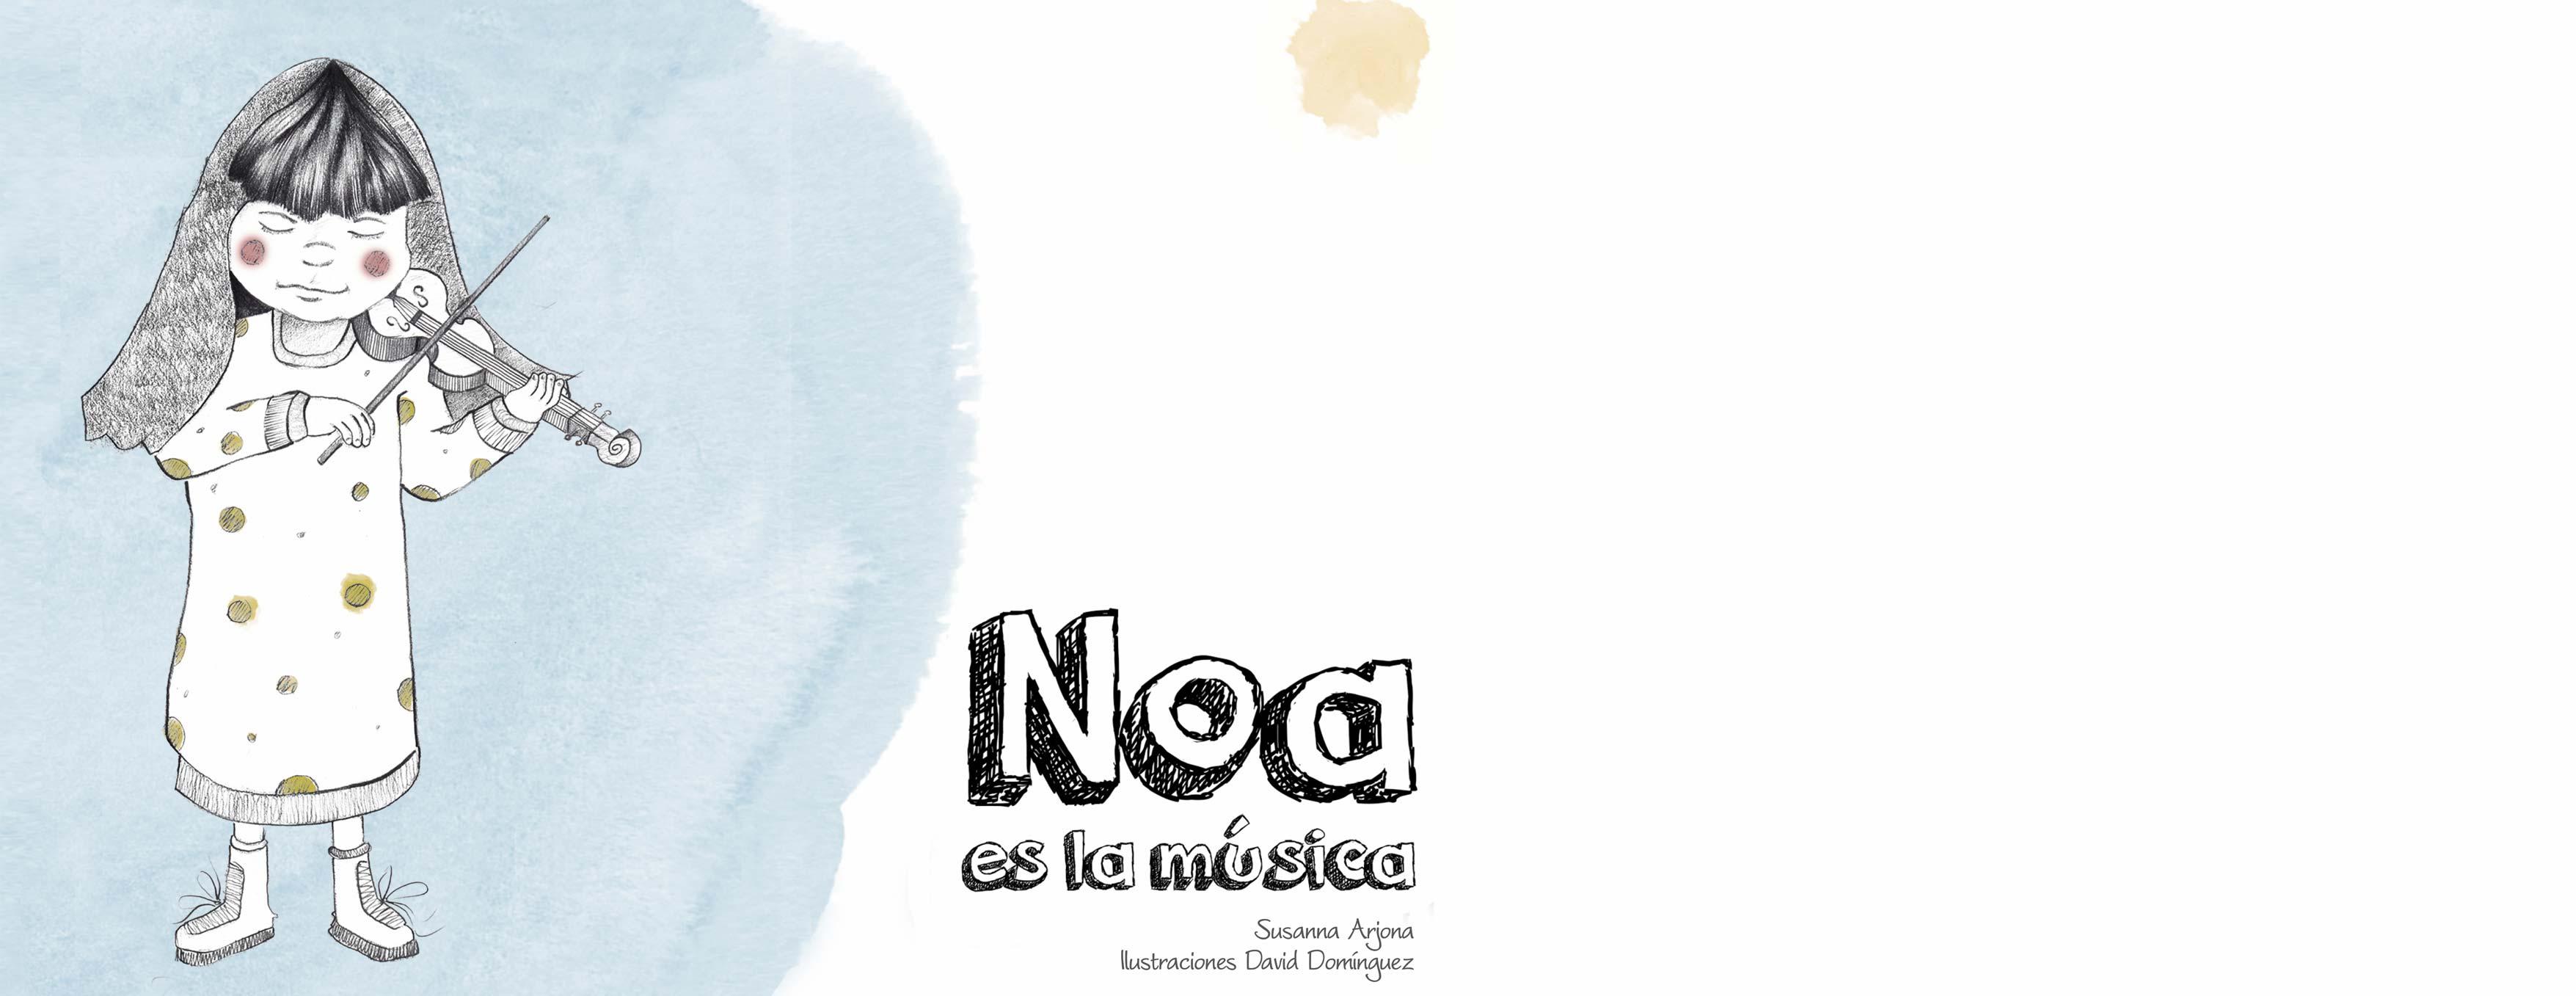 Noa es la música